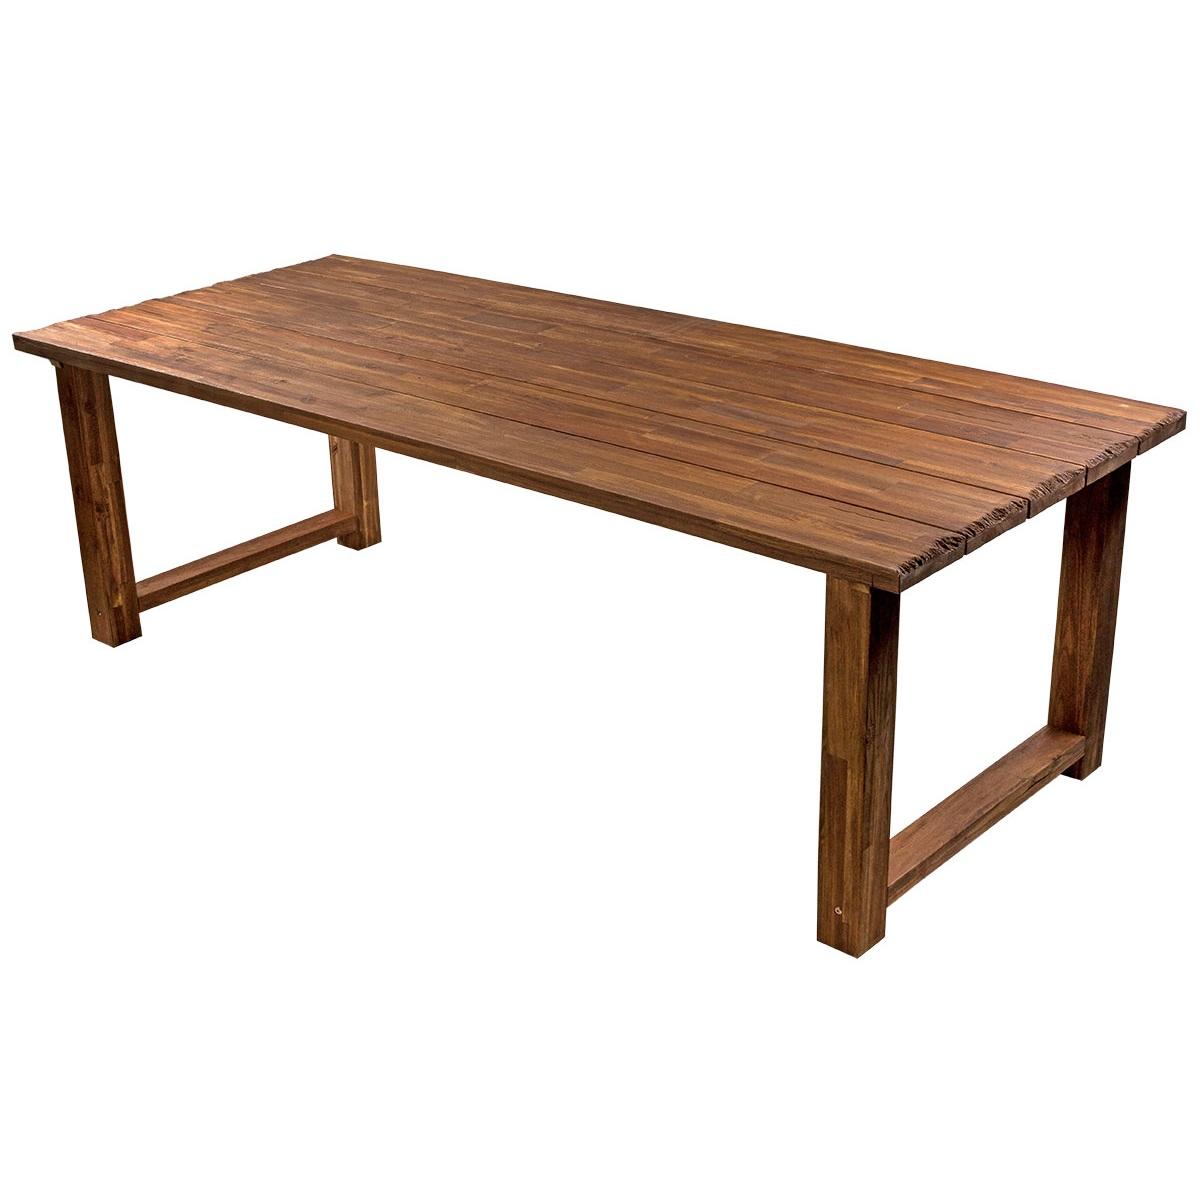 Стол MateraСтолы и столики для сада<br>Обеденный стол Matera изготовлен из акации. Фактура дерева искусственно состарена с добавлением эффекта жженого дерева. Требуется сборка.<br>Стол имеет внушительные размеры 2,4 на 1 м  и способен разместить даже  большую компанию.<br><br>Material: Дерево<br>Ширина см: 240<br>Высота см: 76<br>Глубина см: 100